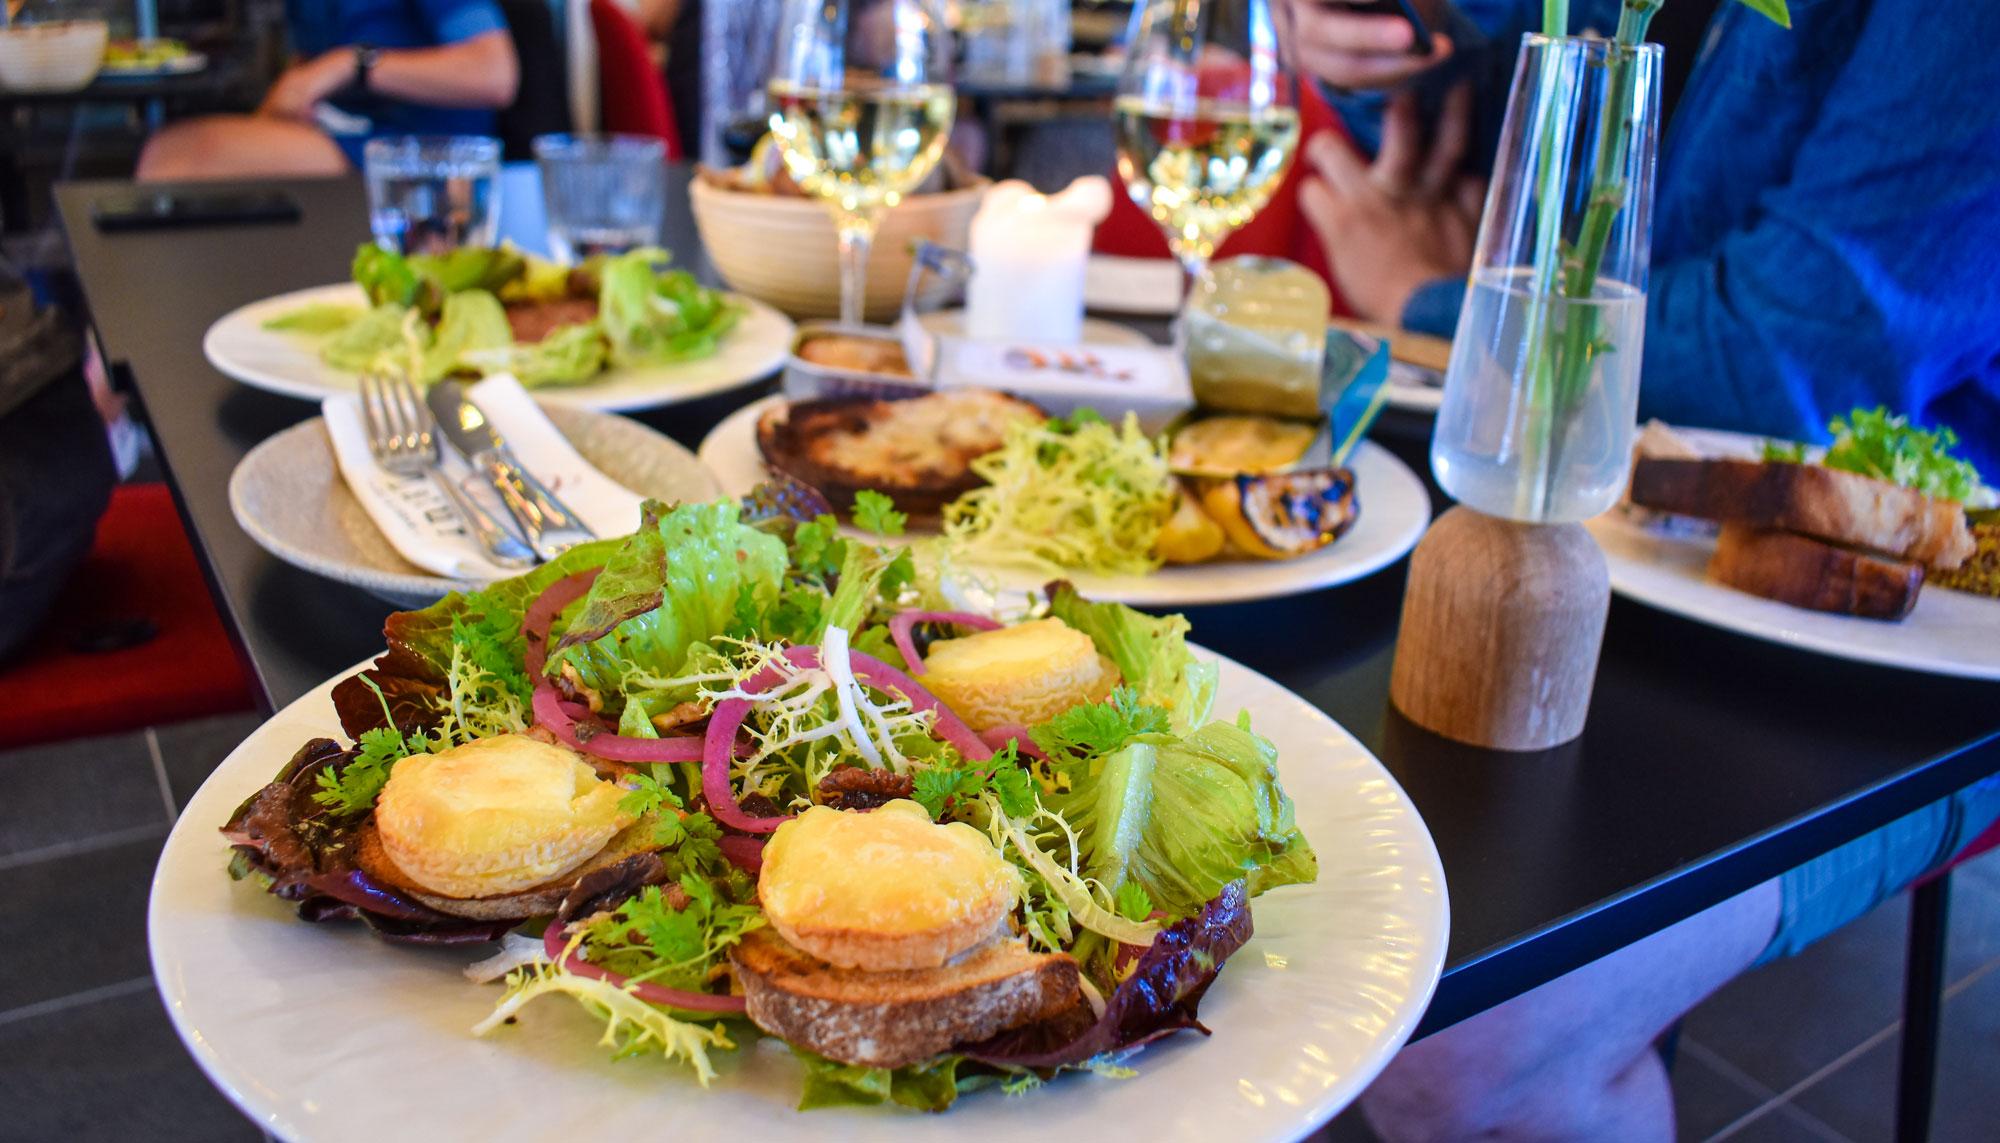 Dåsemad, tatar og lækre vine: Derfor skal du besøge det nye Latur